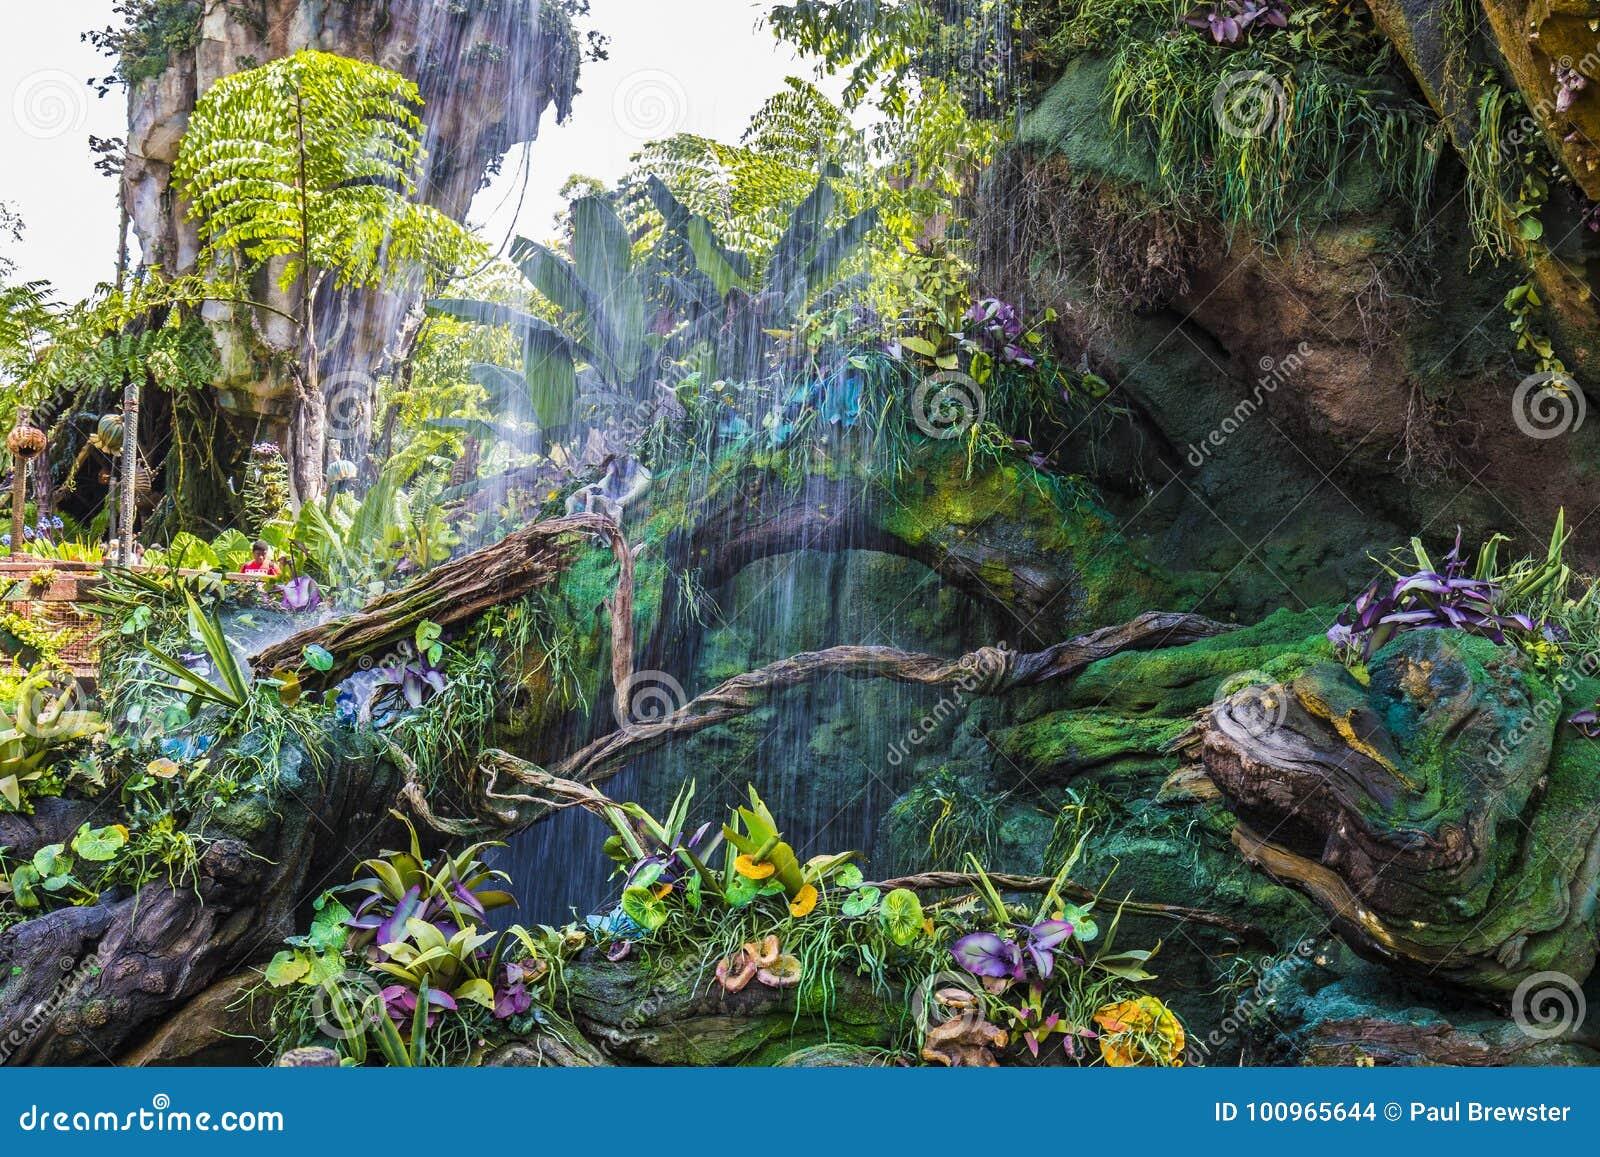 Ζωικό βασίλειο Pandora Pandora του παγκόσμιου Ορλάντο Φλώριδα της Disney